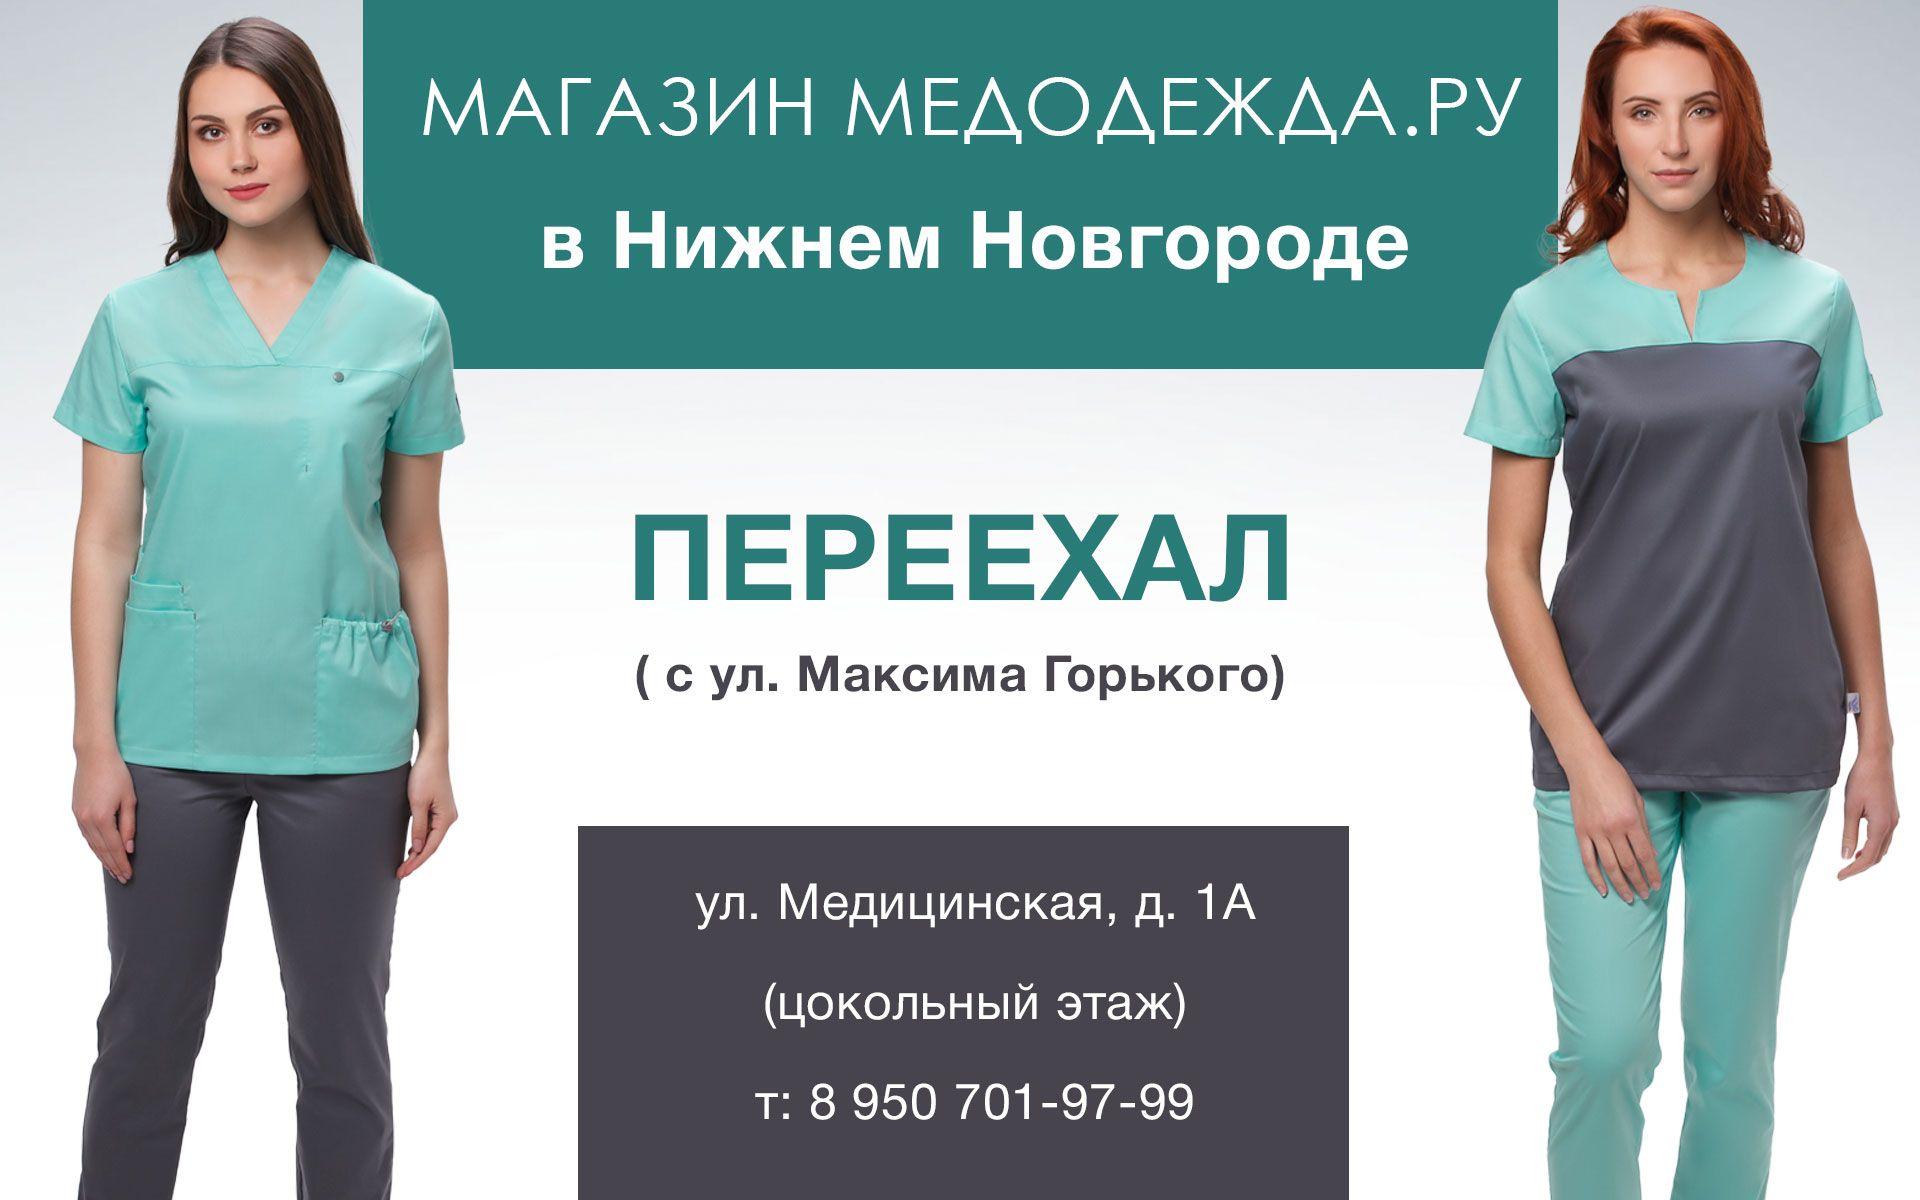 Магазины Мед Одежды Нижний Новгород